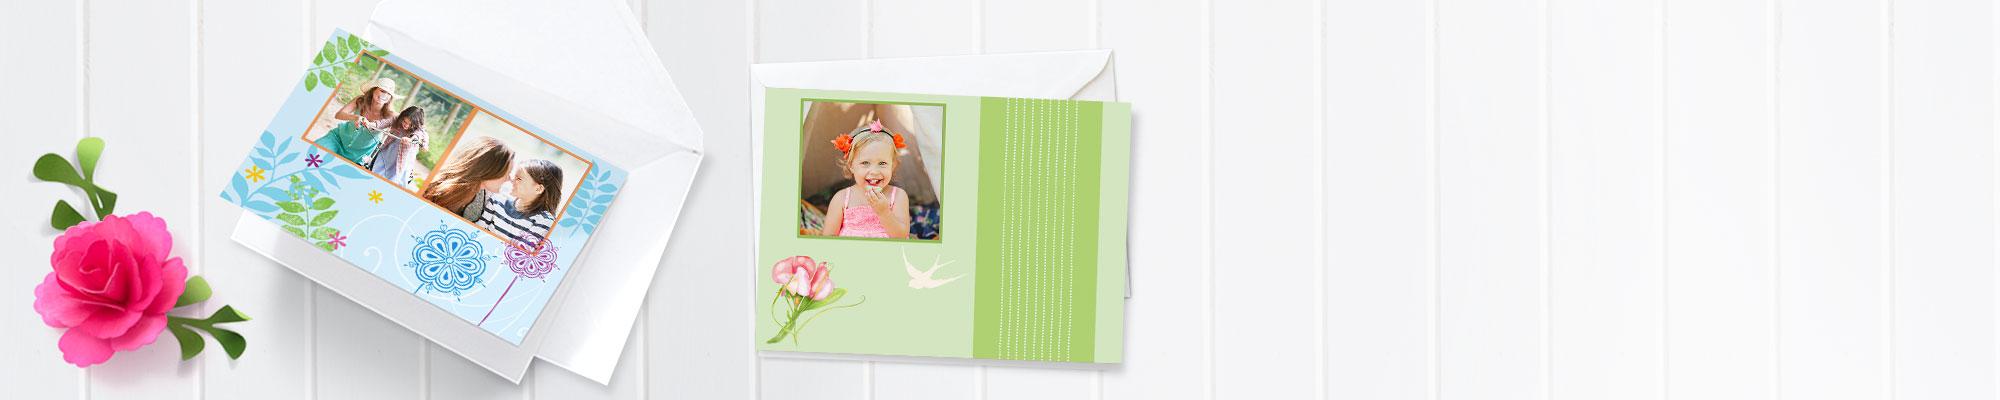 Fotokarten Entdecken Sie unsere Fotokarten